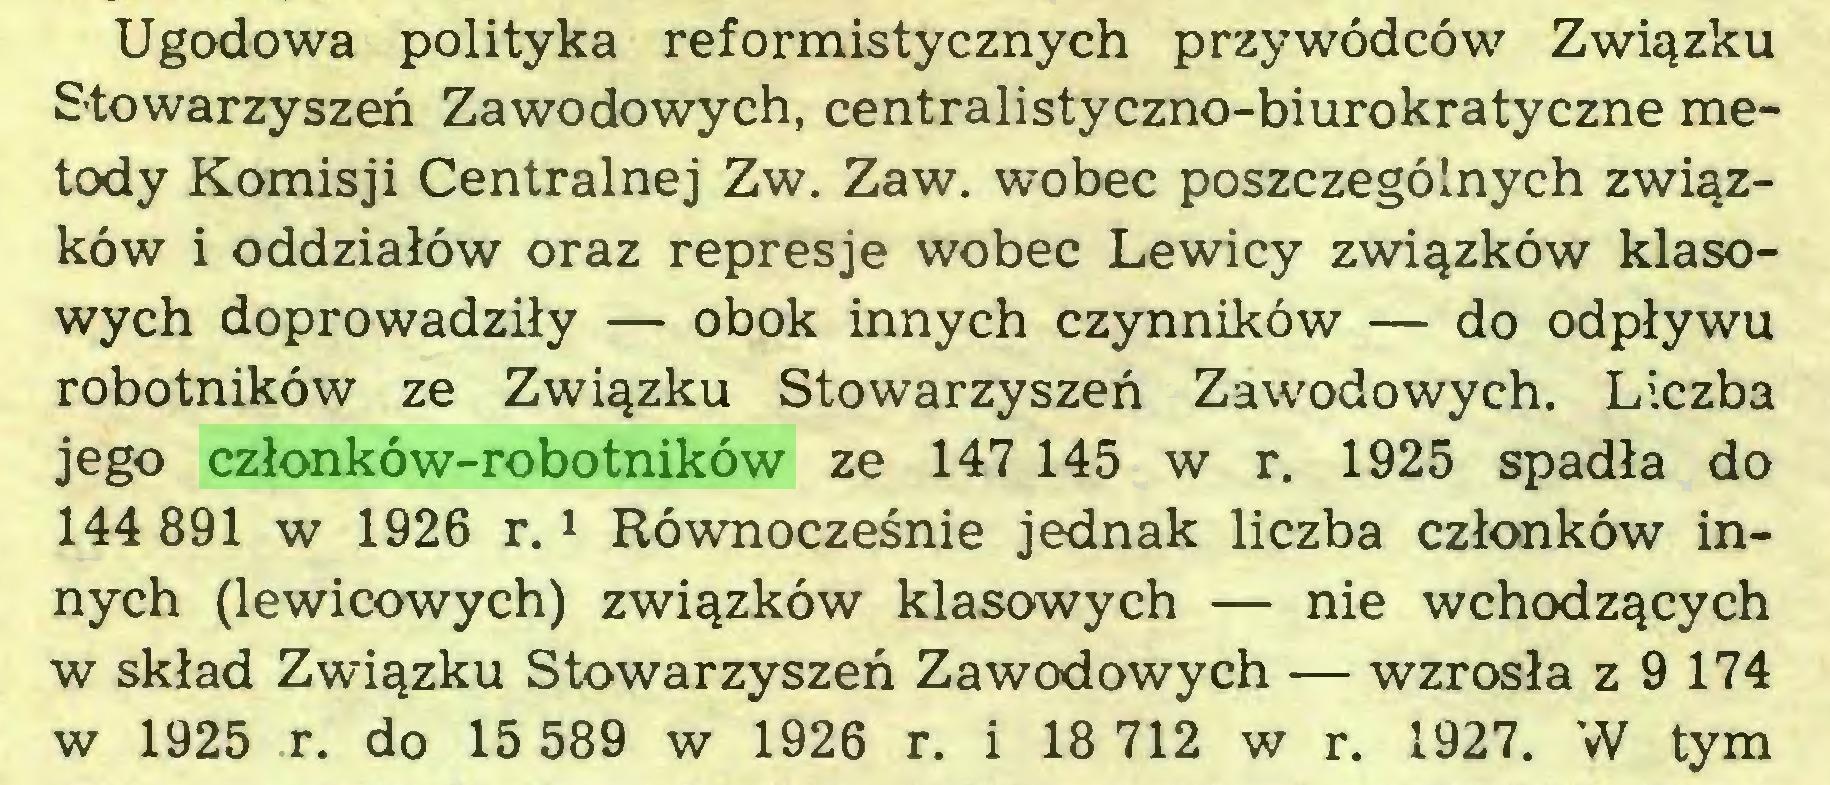 (...) Ugodowa polityka reformistycznych przywódców Związku Stowarzyszeń Zawodowych, centralistyczno-biurokratyczne metody Komisji Centralnej Zw. Zaw. wobec poszczególnych związków i oddziałów oraz represje wobec Lewicy związków klasowych doprowadziły — obok innych czynników — do odpływu robotników ze Związku Stowarzyszeń Zawodowych. Liczba jego członków-robotników ze 147 145 w r. 1925 spadła do 144 891 w 1926 r.1 Równocześnie jednak liczba członków innych (lewicowych) związków klasowych — nie wchodzących w skład Związku Stowarzyszeń Zawodowych — wzrosła z 9 174 w 1925 r. do 15 589 w 1926 r. i 18 712 w r. 1927. W tym...